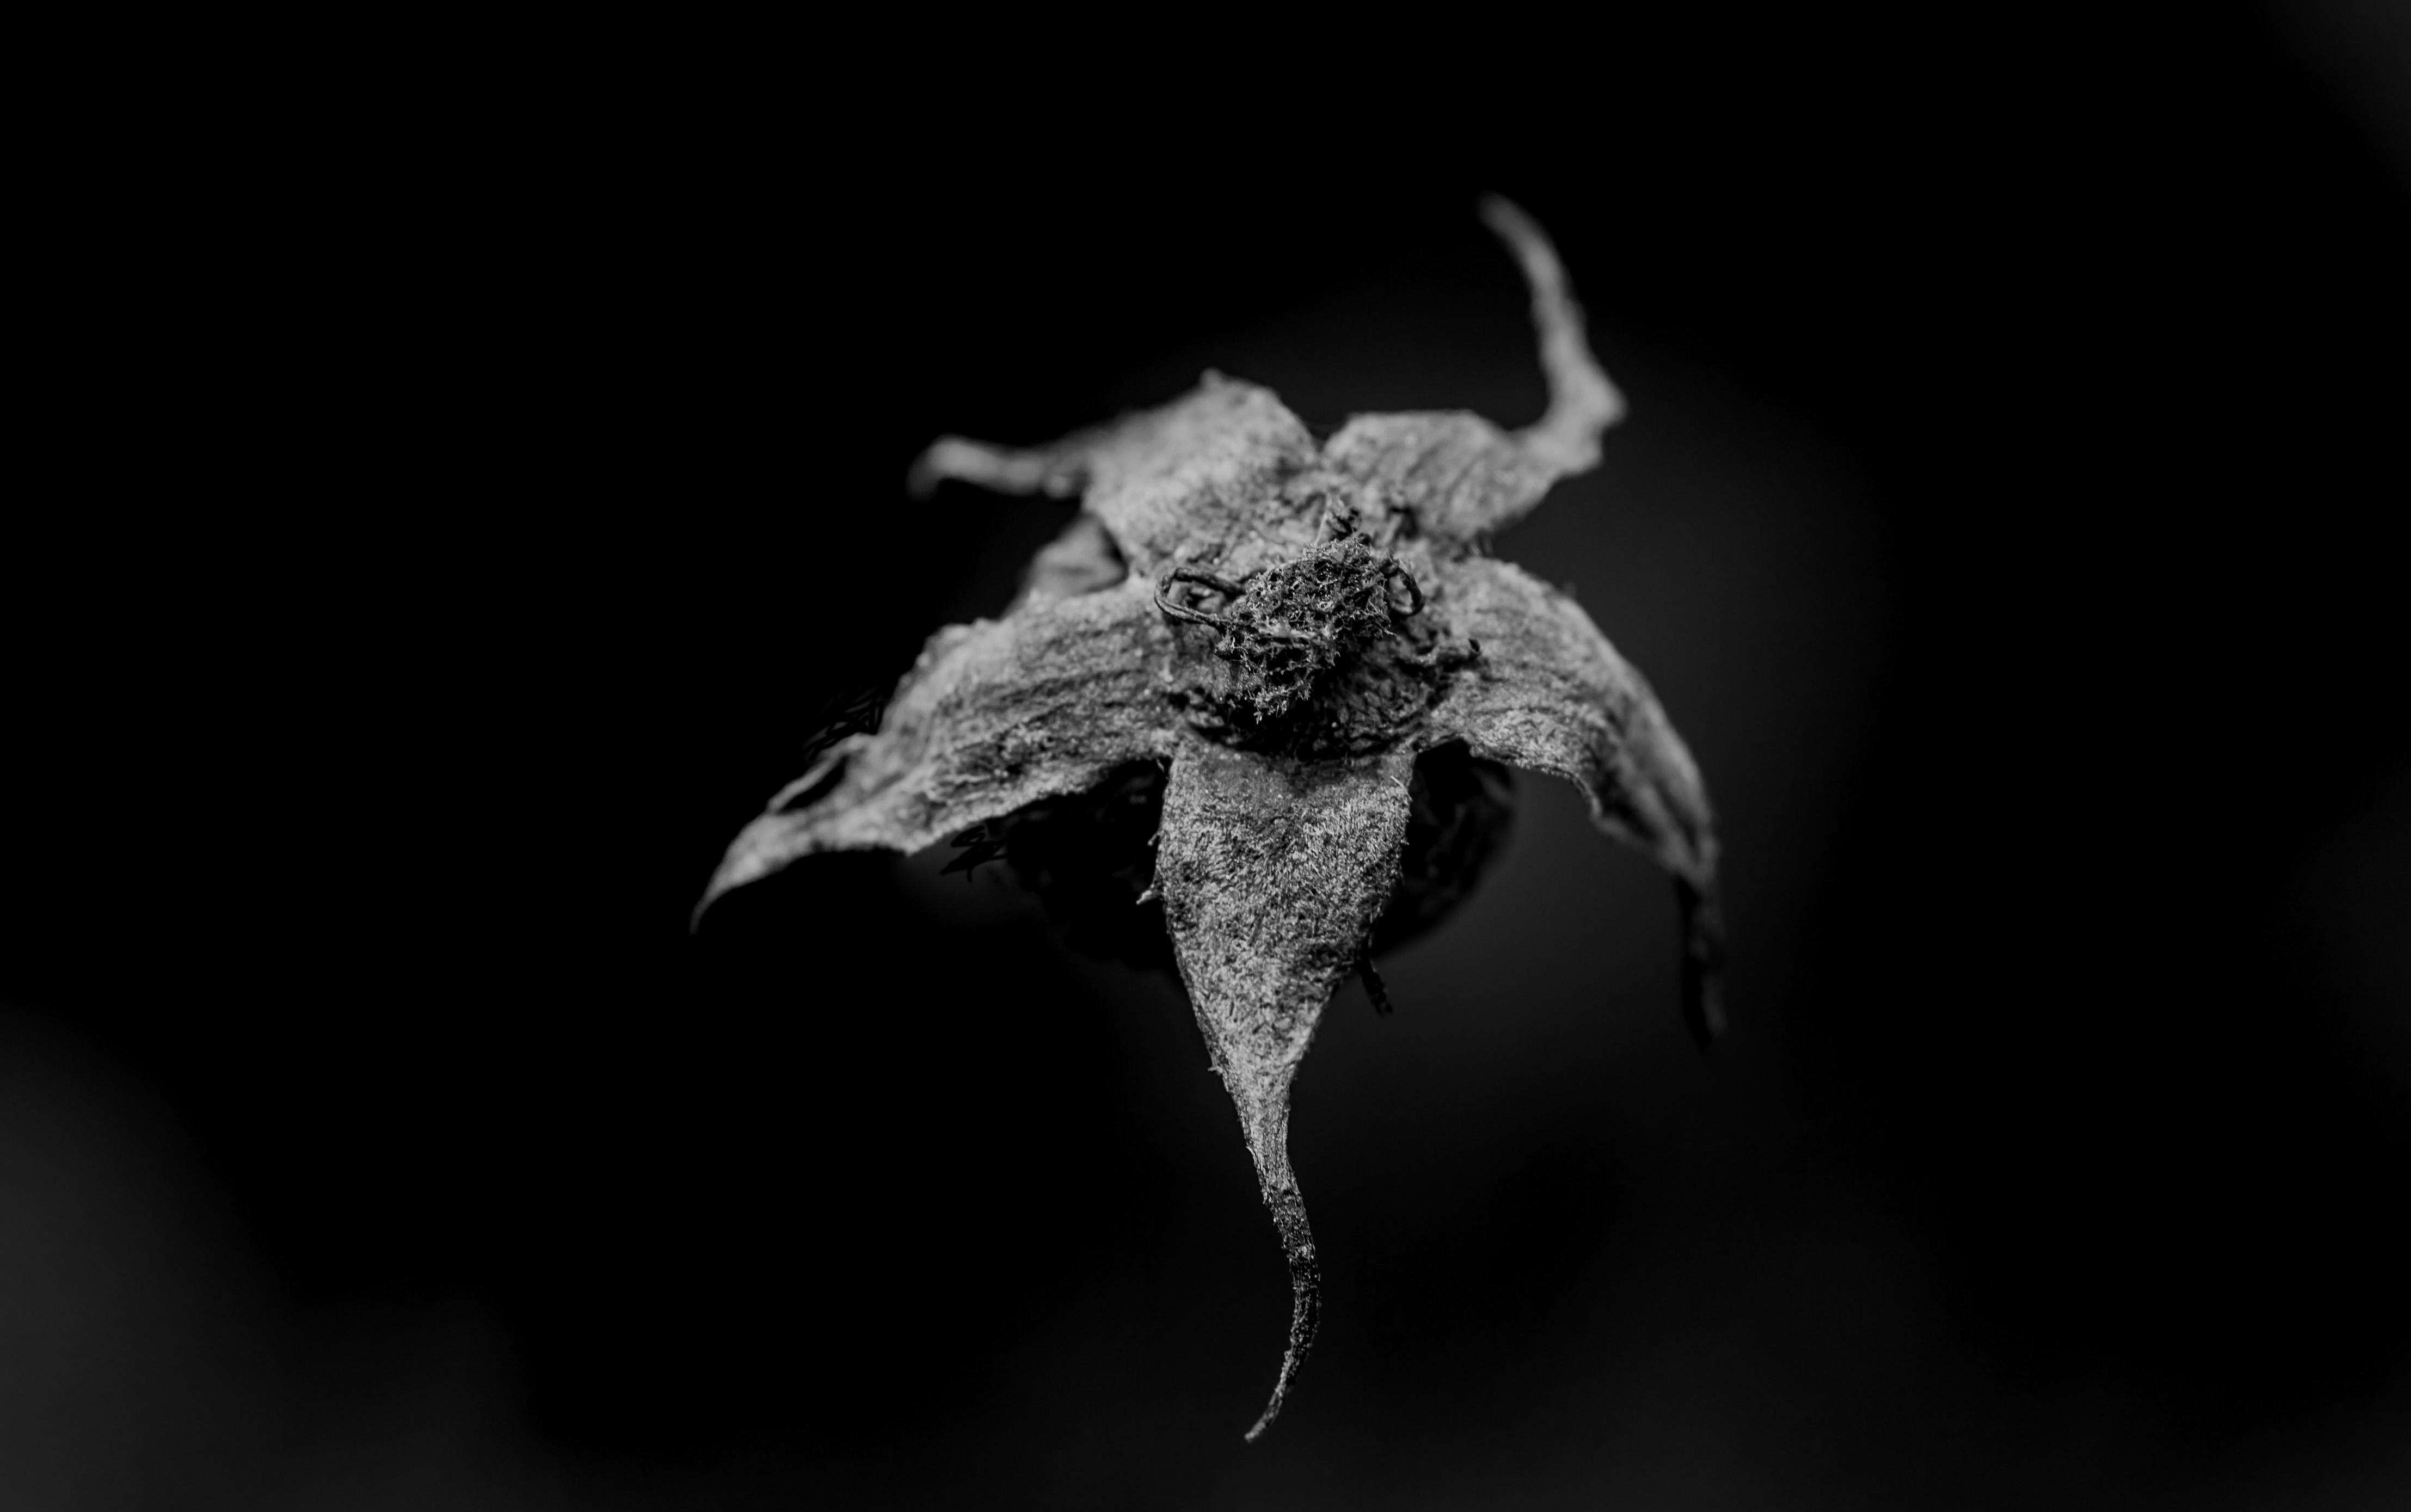 Rose, verblüt, abgeblüt